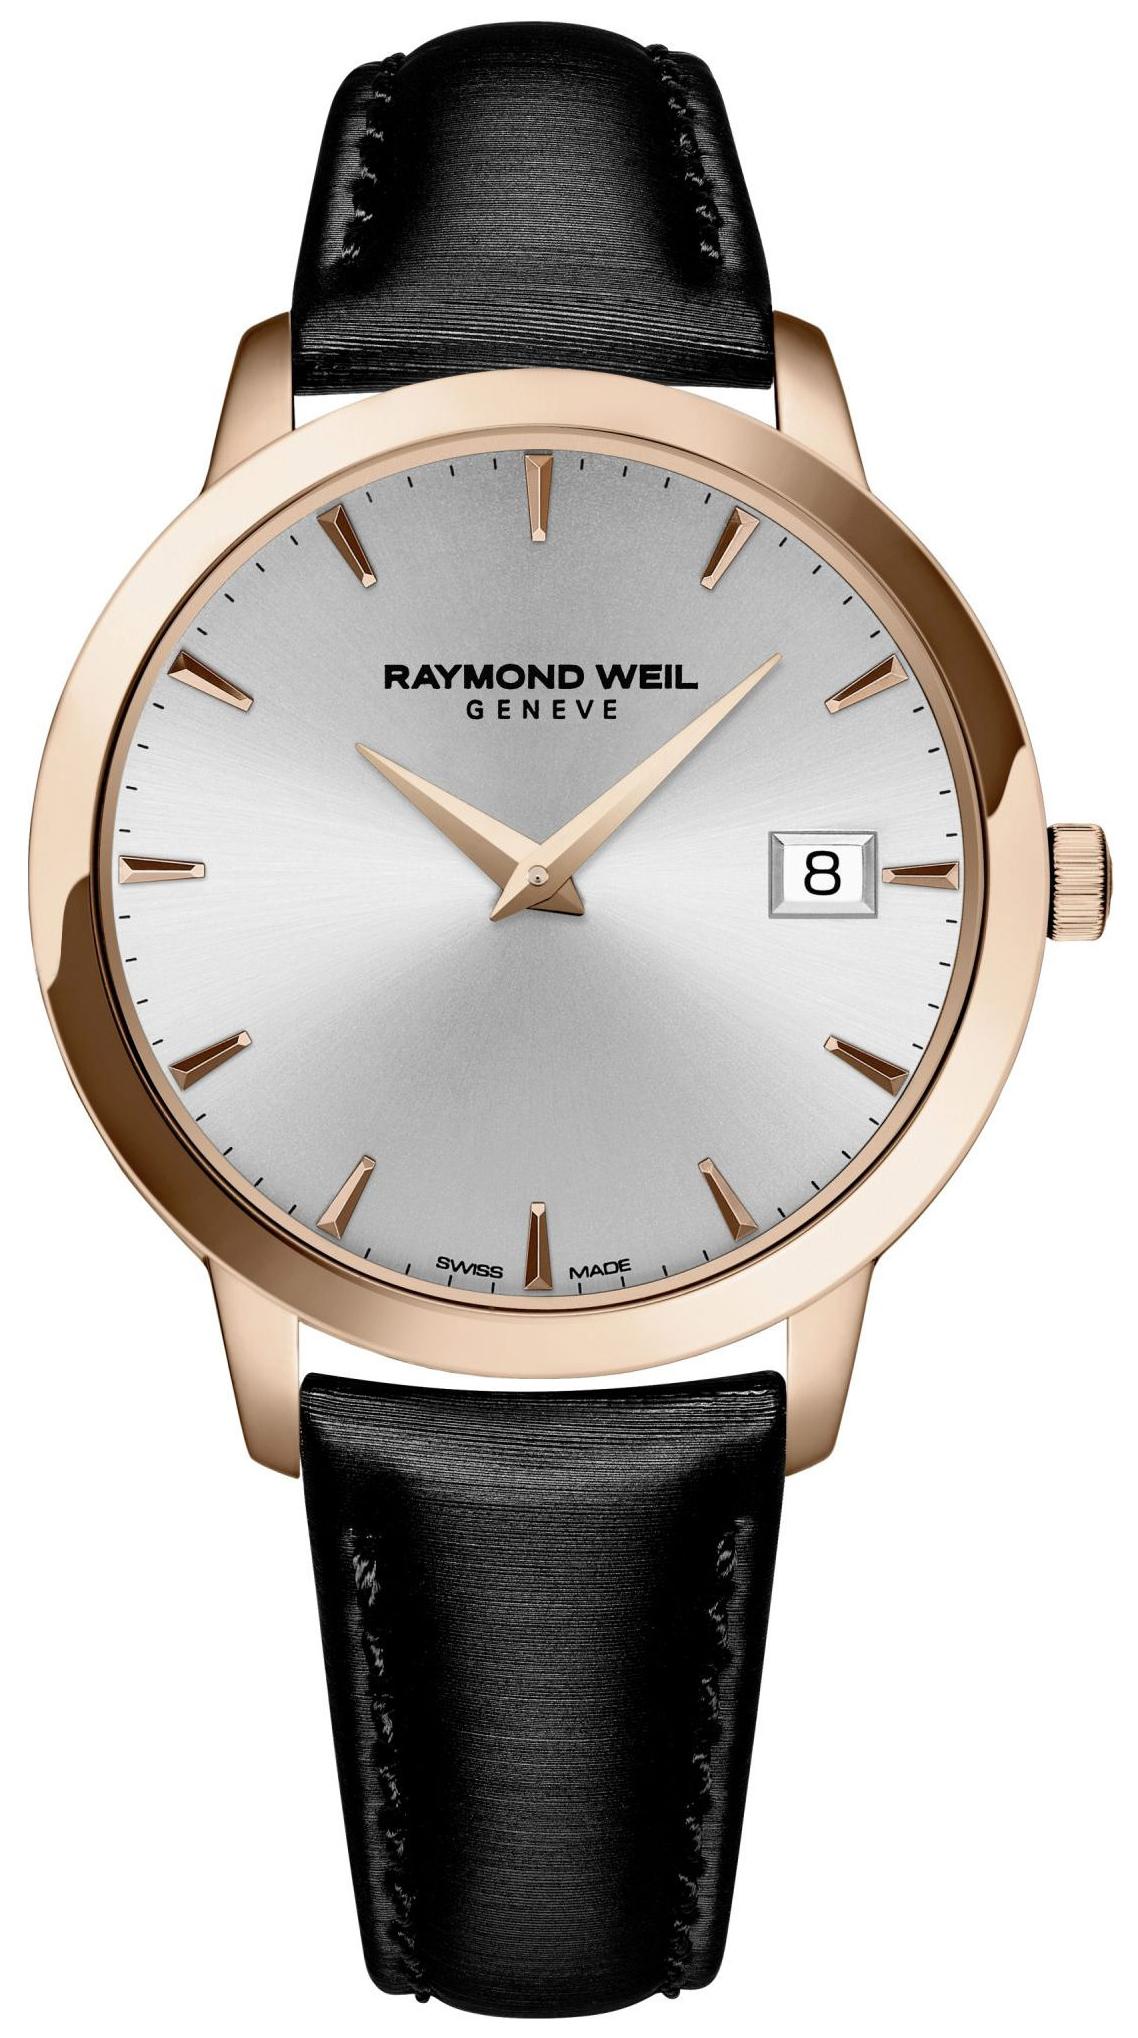 Raymond Weil Toccata Damklocka 5388-PC5-65001 Silverfärgad/Satin Ø34 mm - Raymond Weil